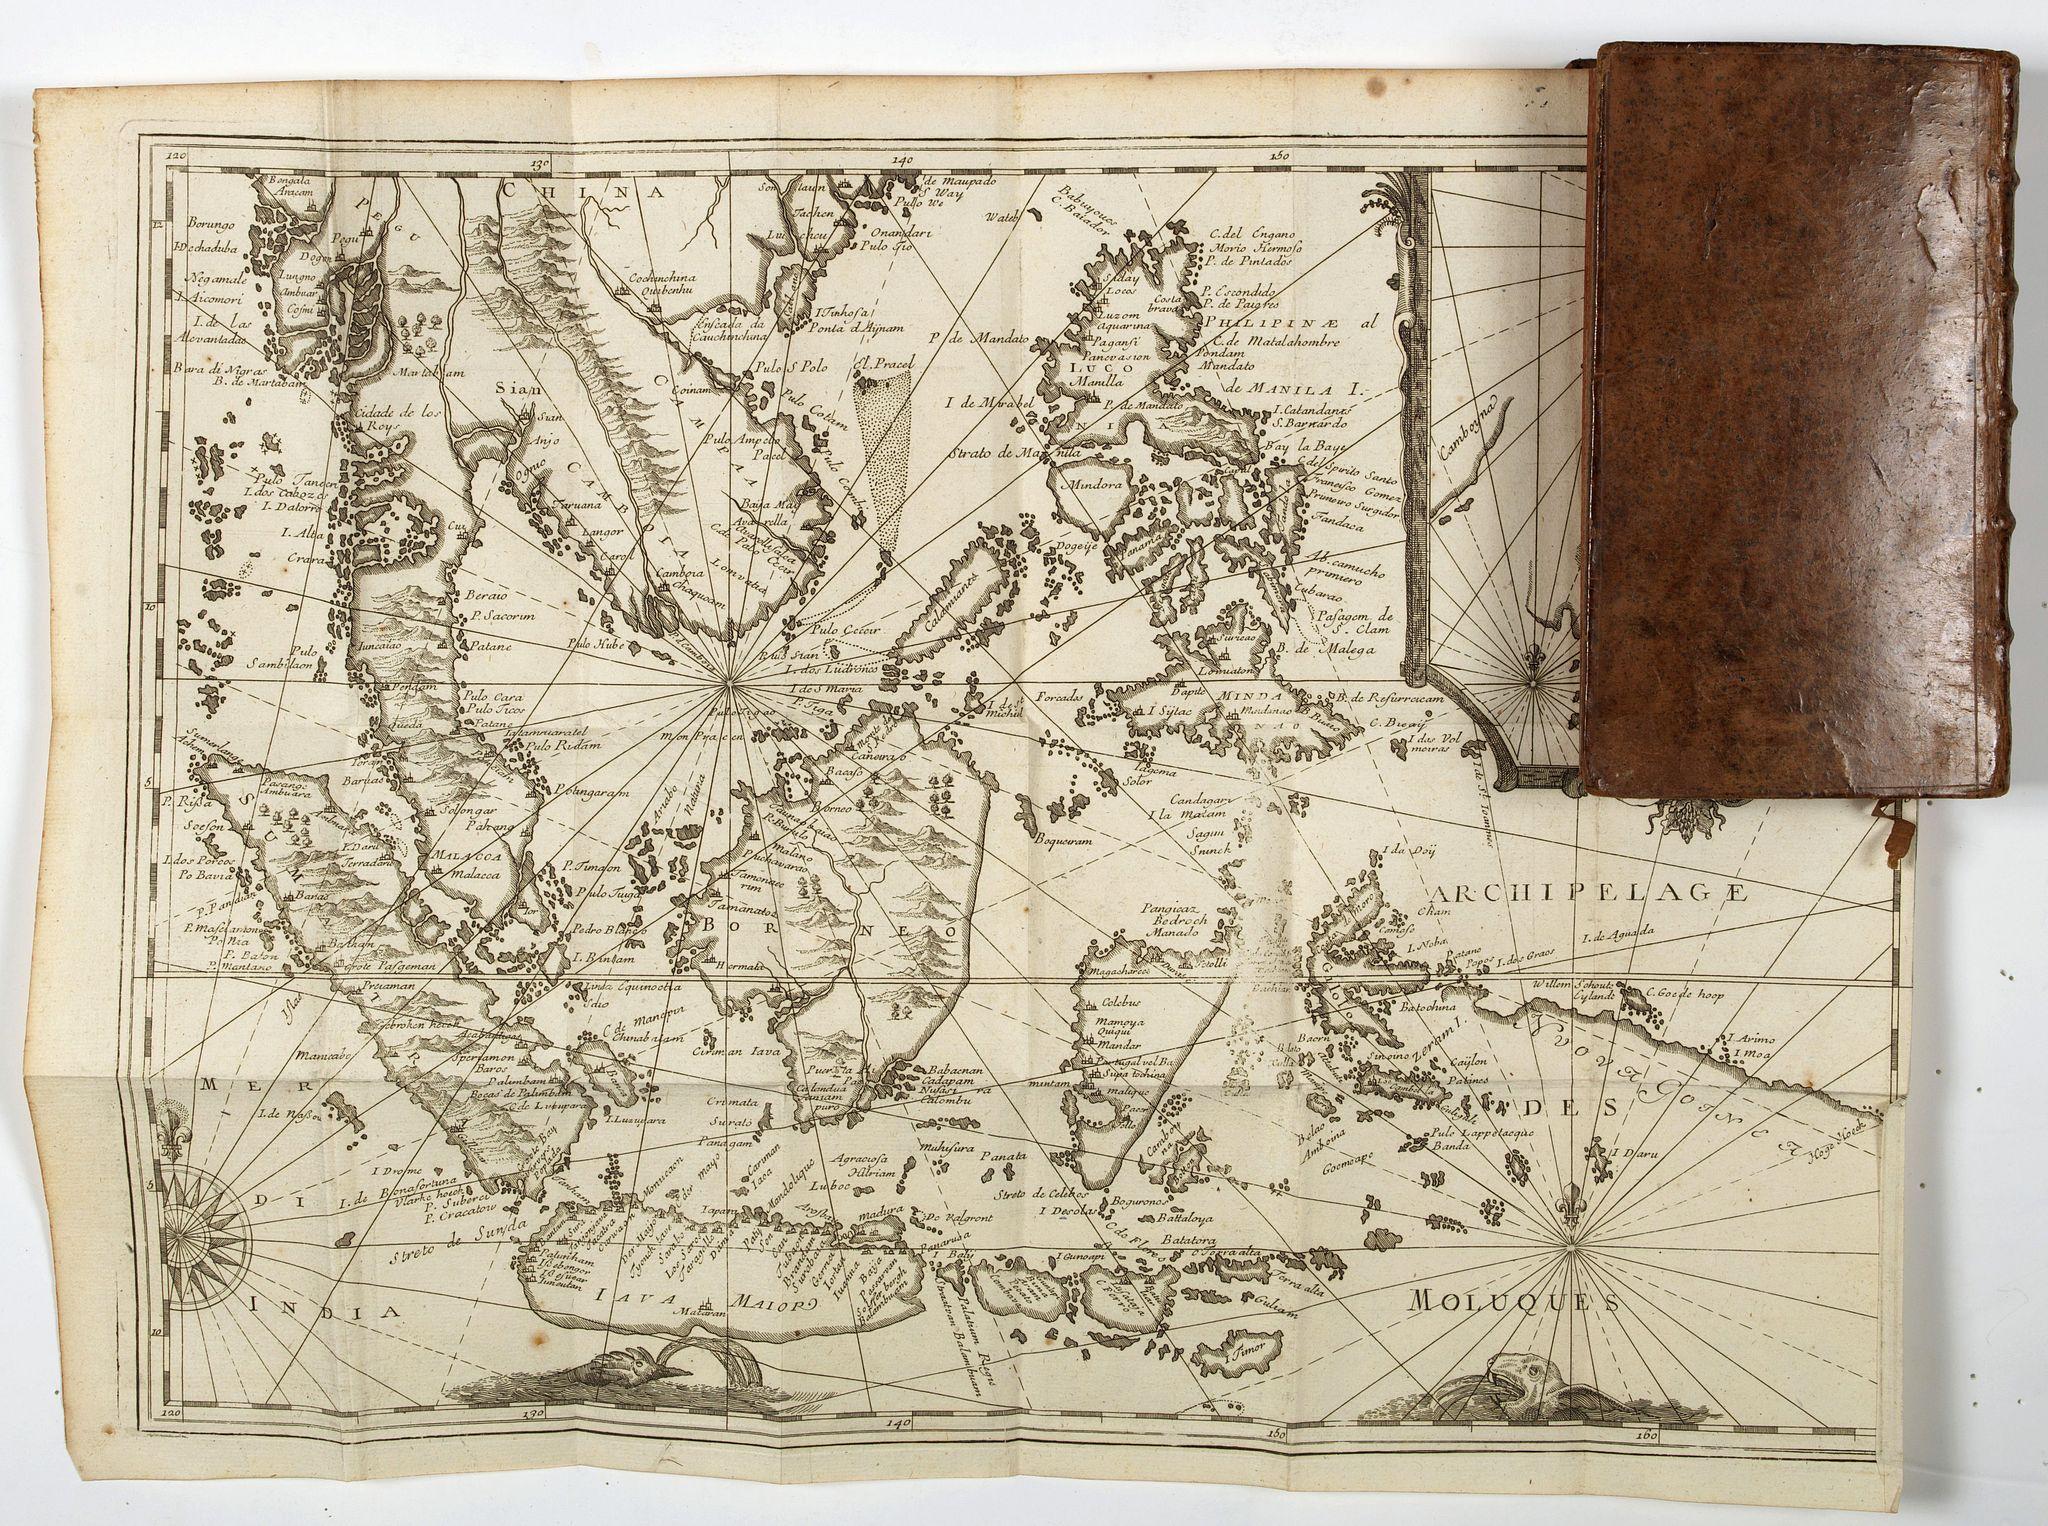 DE RENNEVILLE, R.A.C. -  Recueil des voyages qui ont servi à l'établissement et aux progrez de la Compagnie des Indes Orientales, forméedans les Provinces-Unies des Païs-Bas…